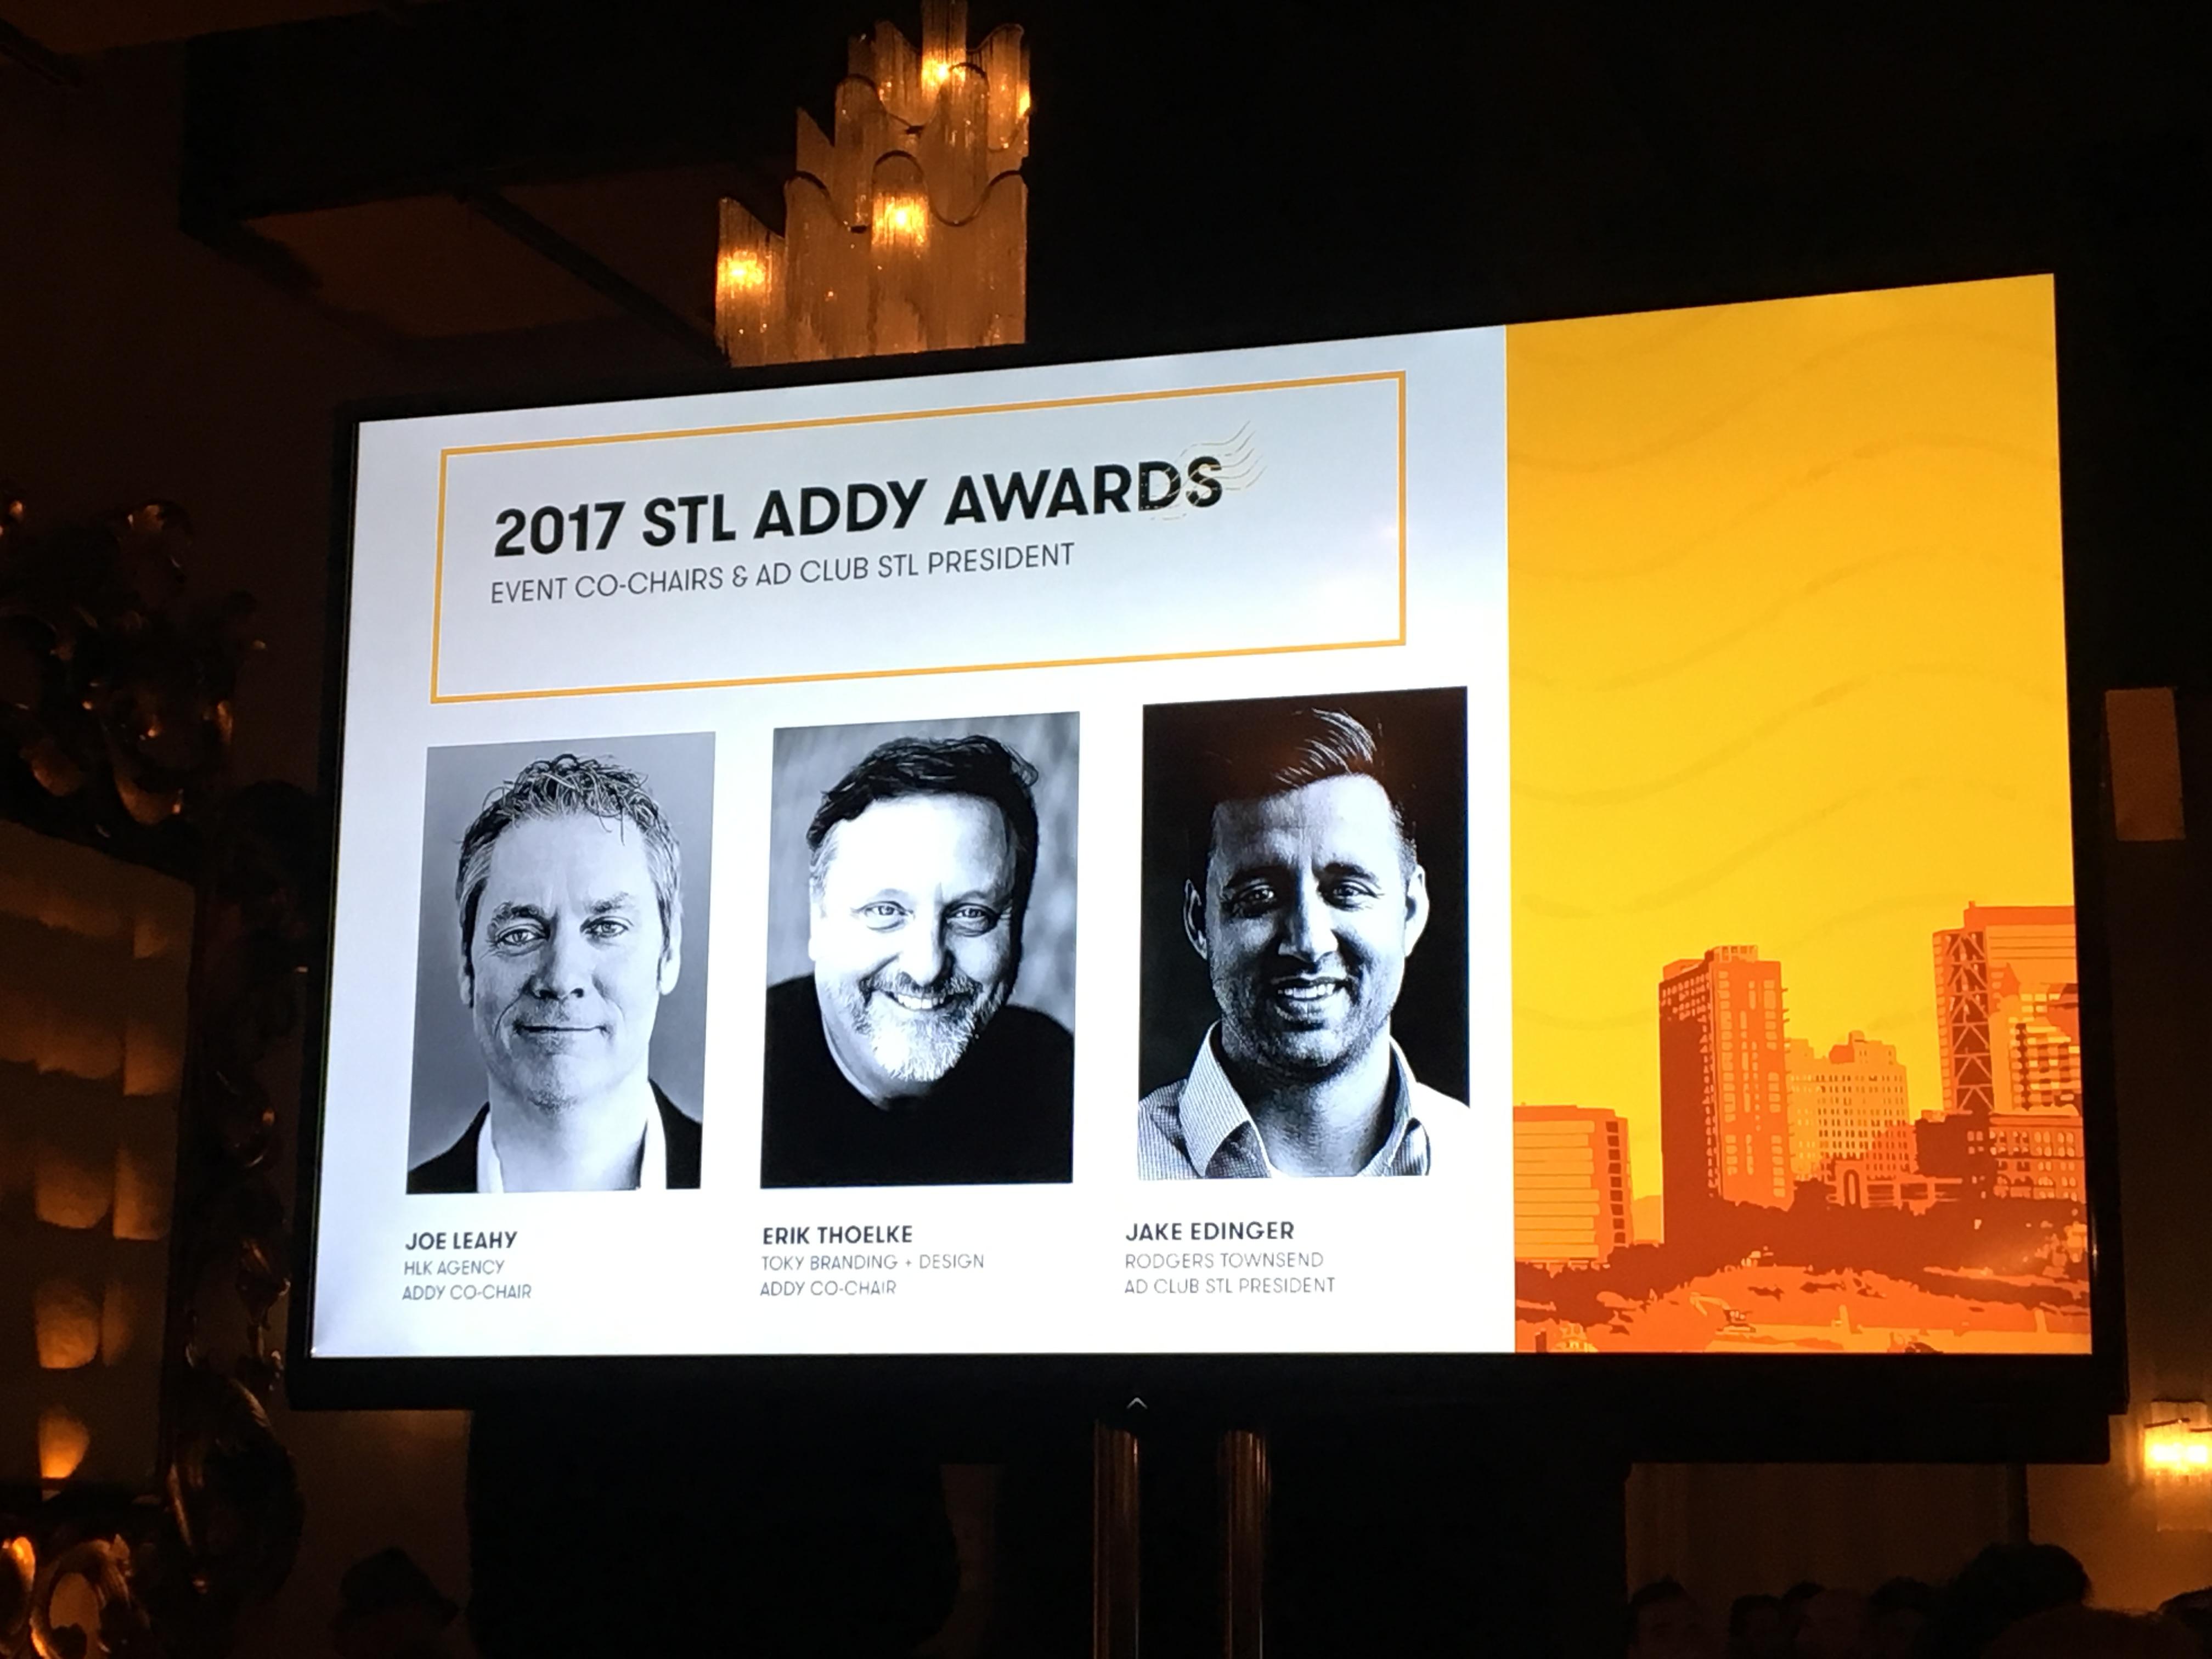 ADDYs 2017